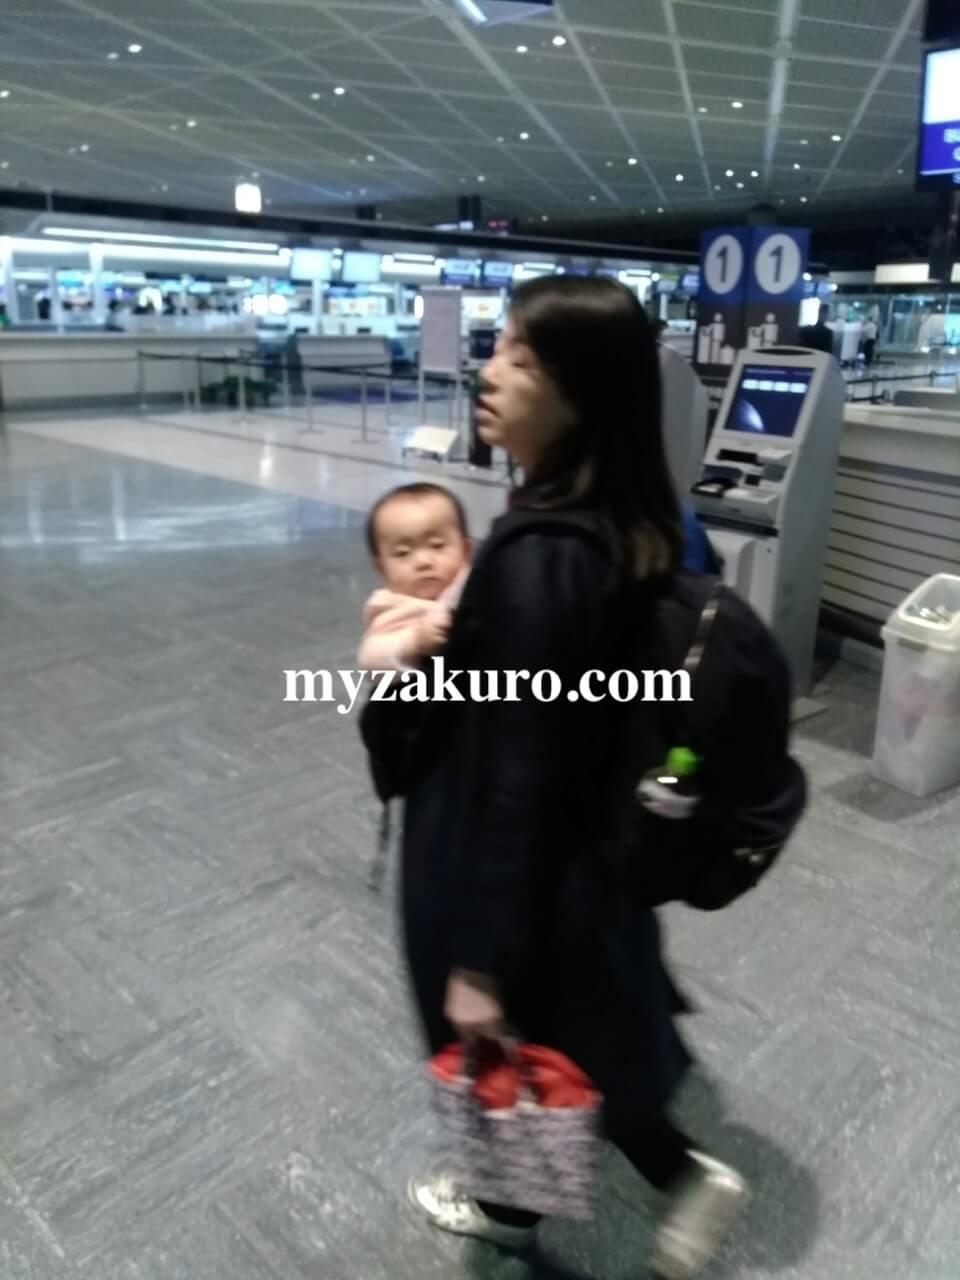 日本出発〜グアム到着まで(飛行機の様子など)